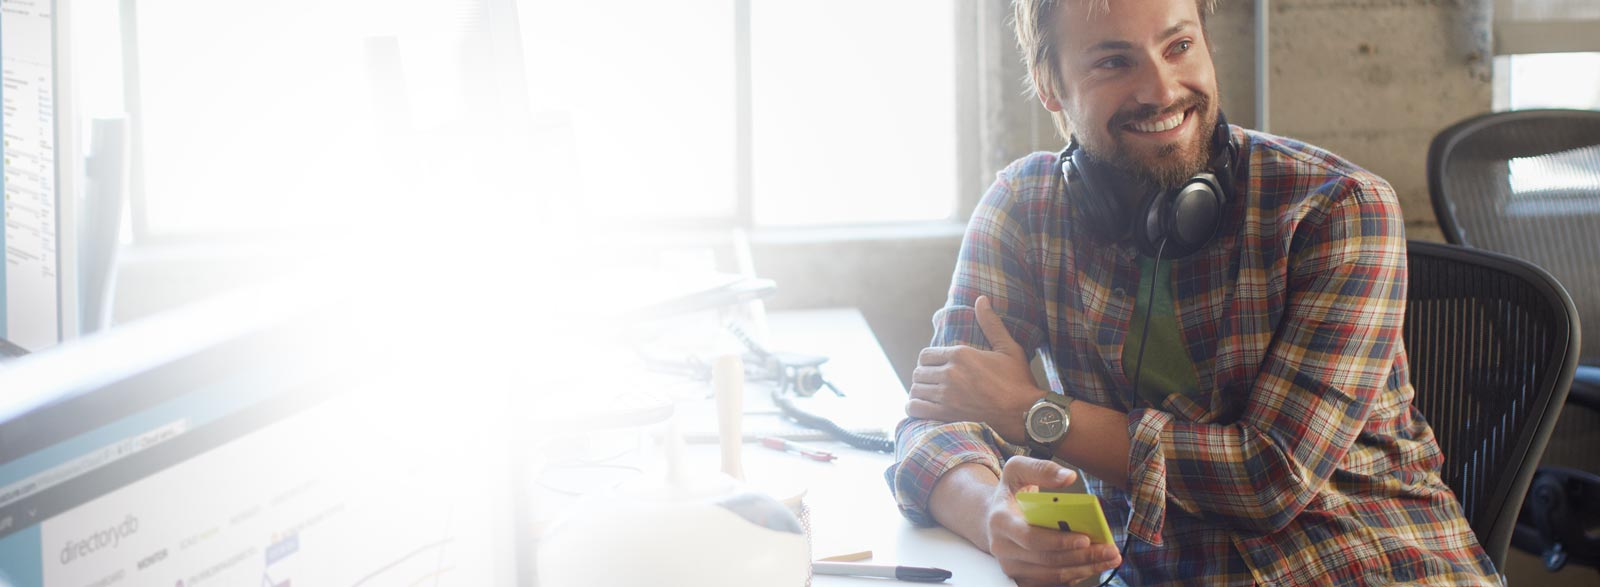 Få de nyeste produktivitets- og samarbeidstjenestene med Office 365 Enterprise E1.